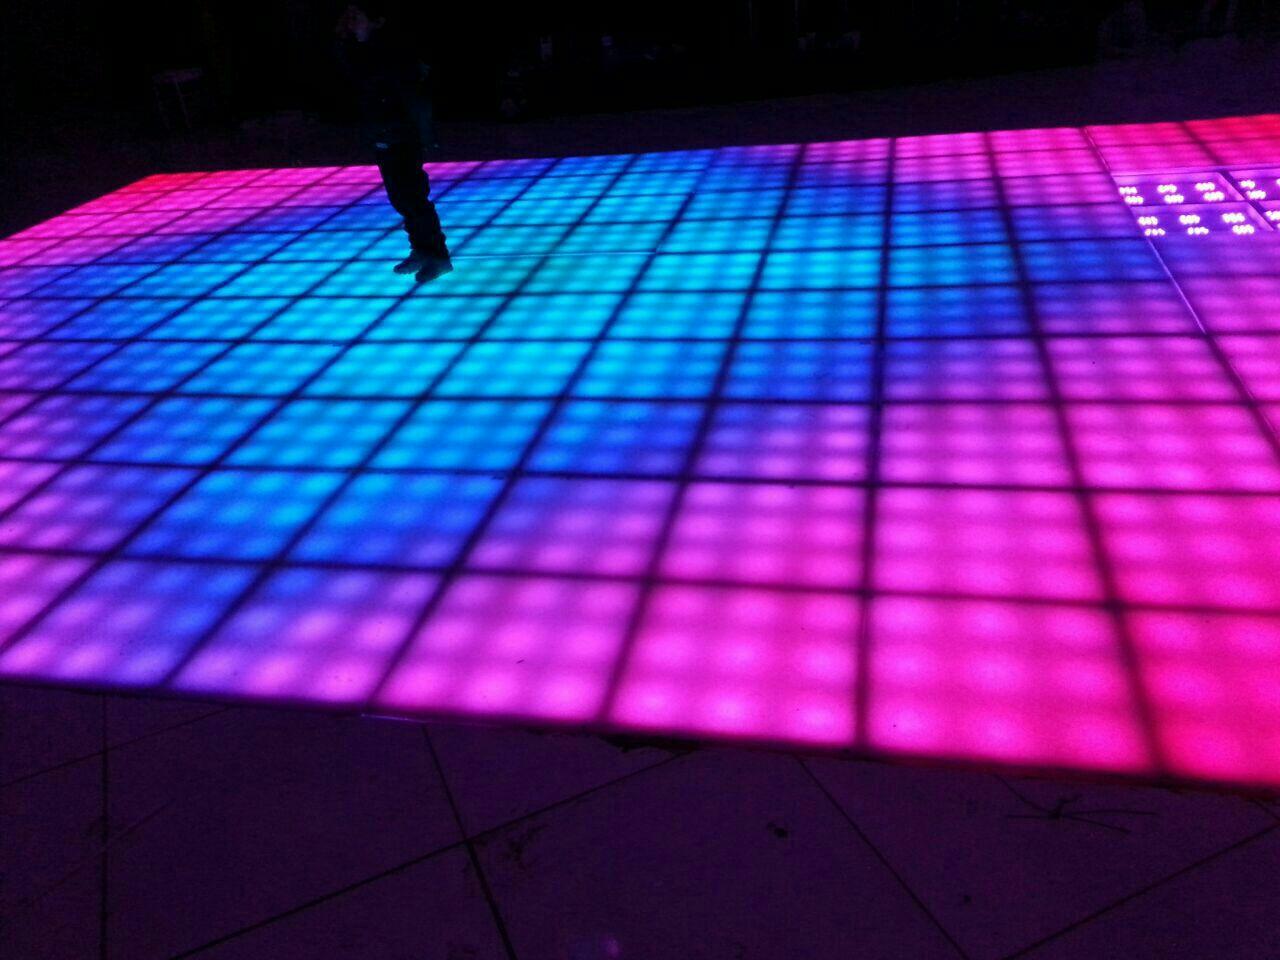 نور پردازی پروژه خندوانه نوسط سمیعی